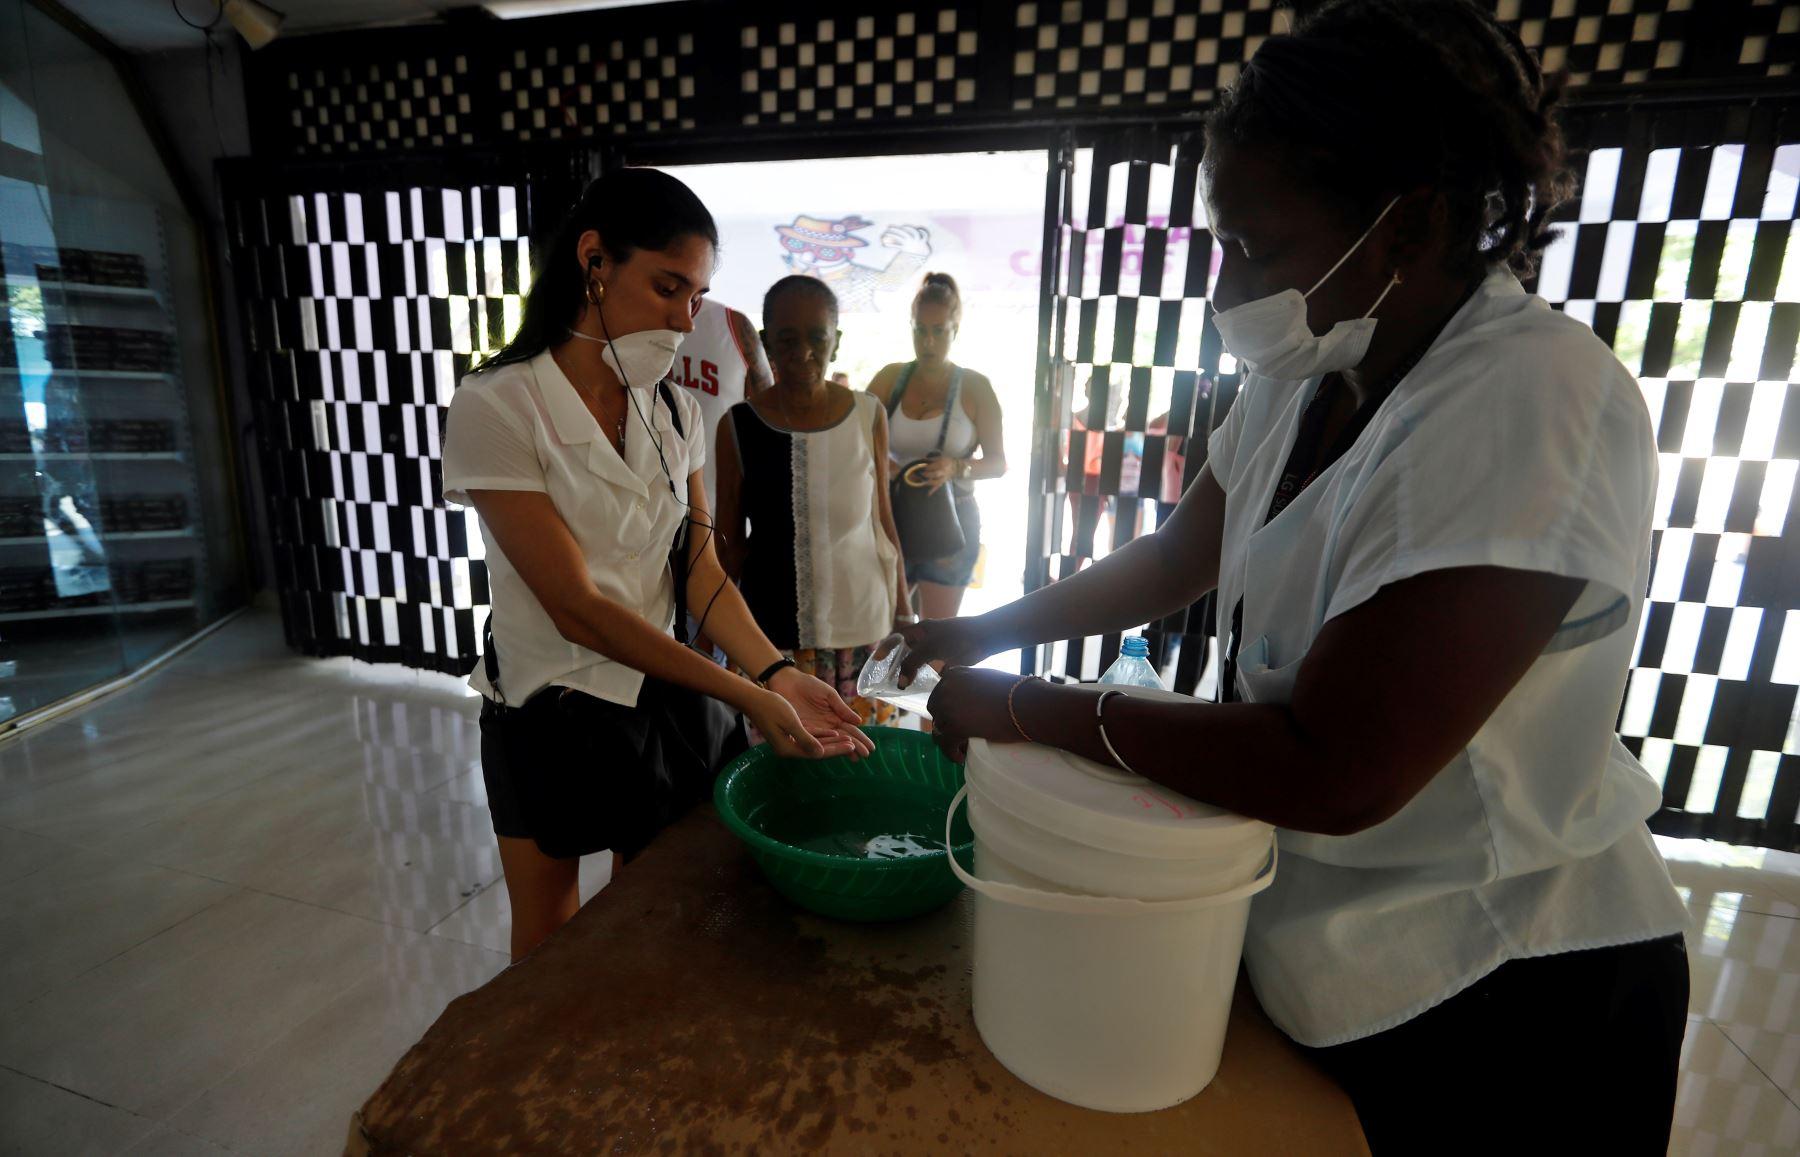 Varias personas hacen fila para el lavado de manos para poder ingresar a un centro comercial en La Habana, Cuba. Foto: EFE